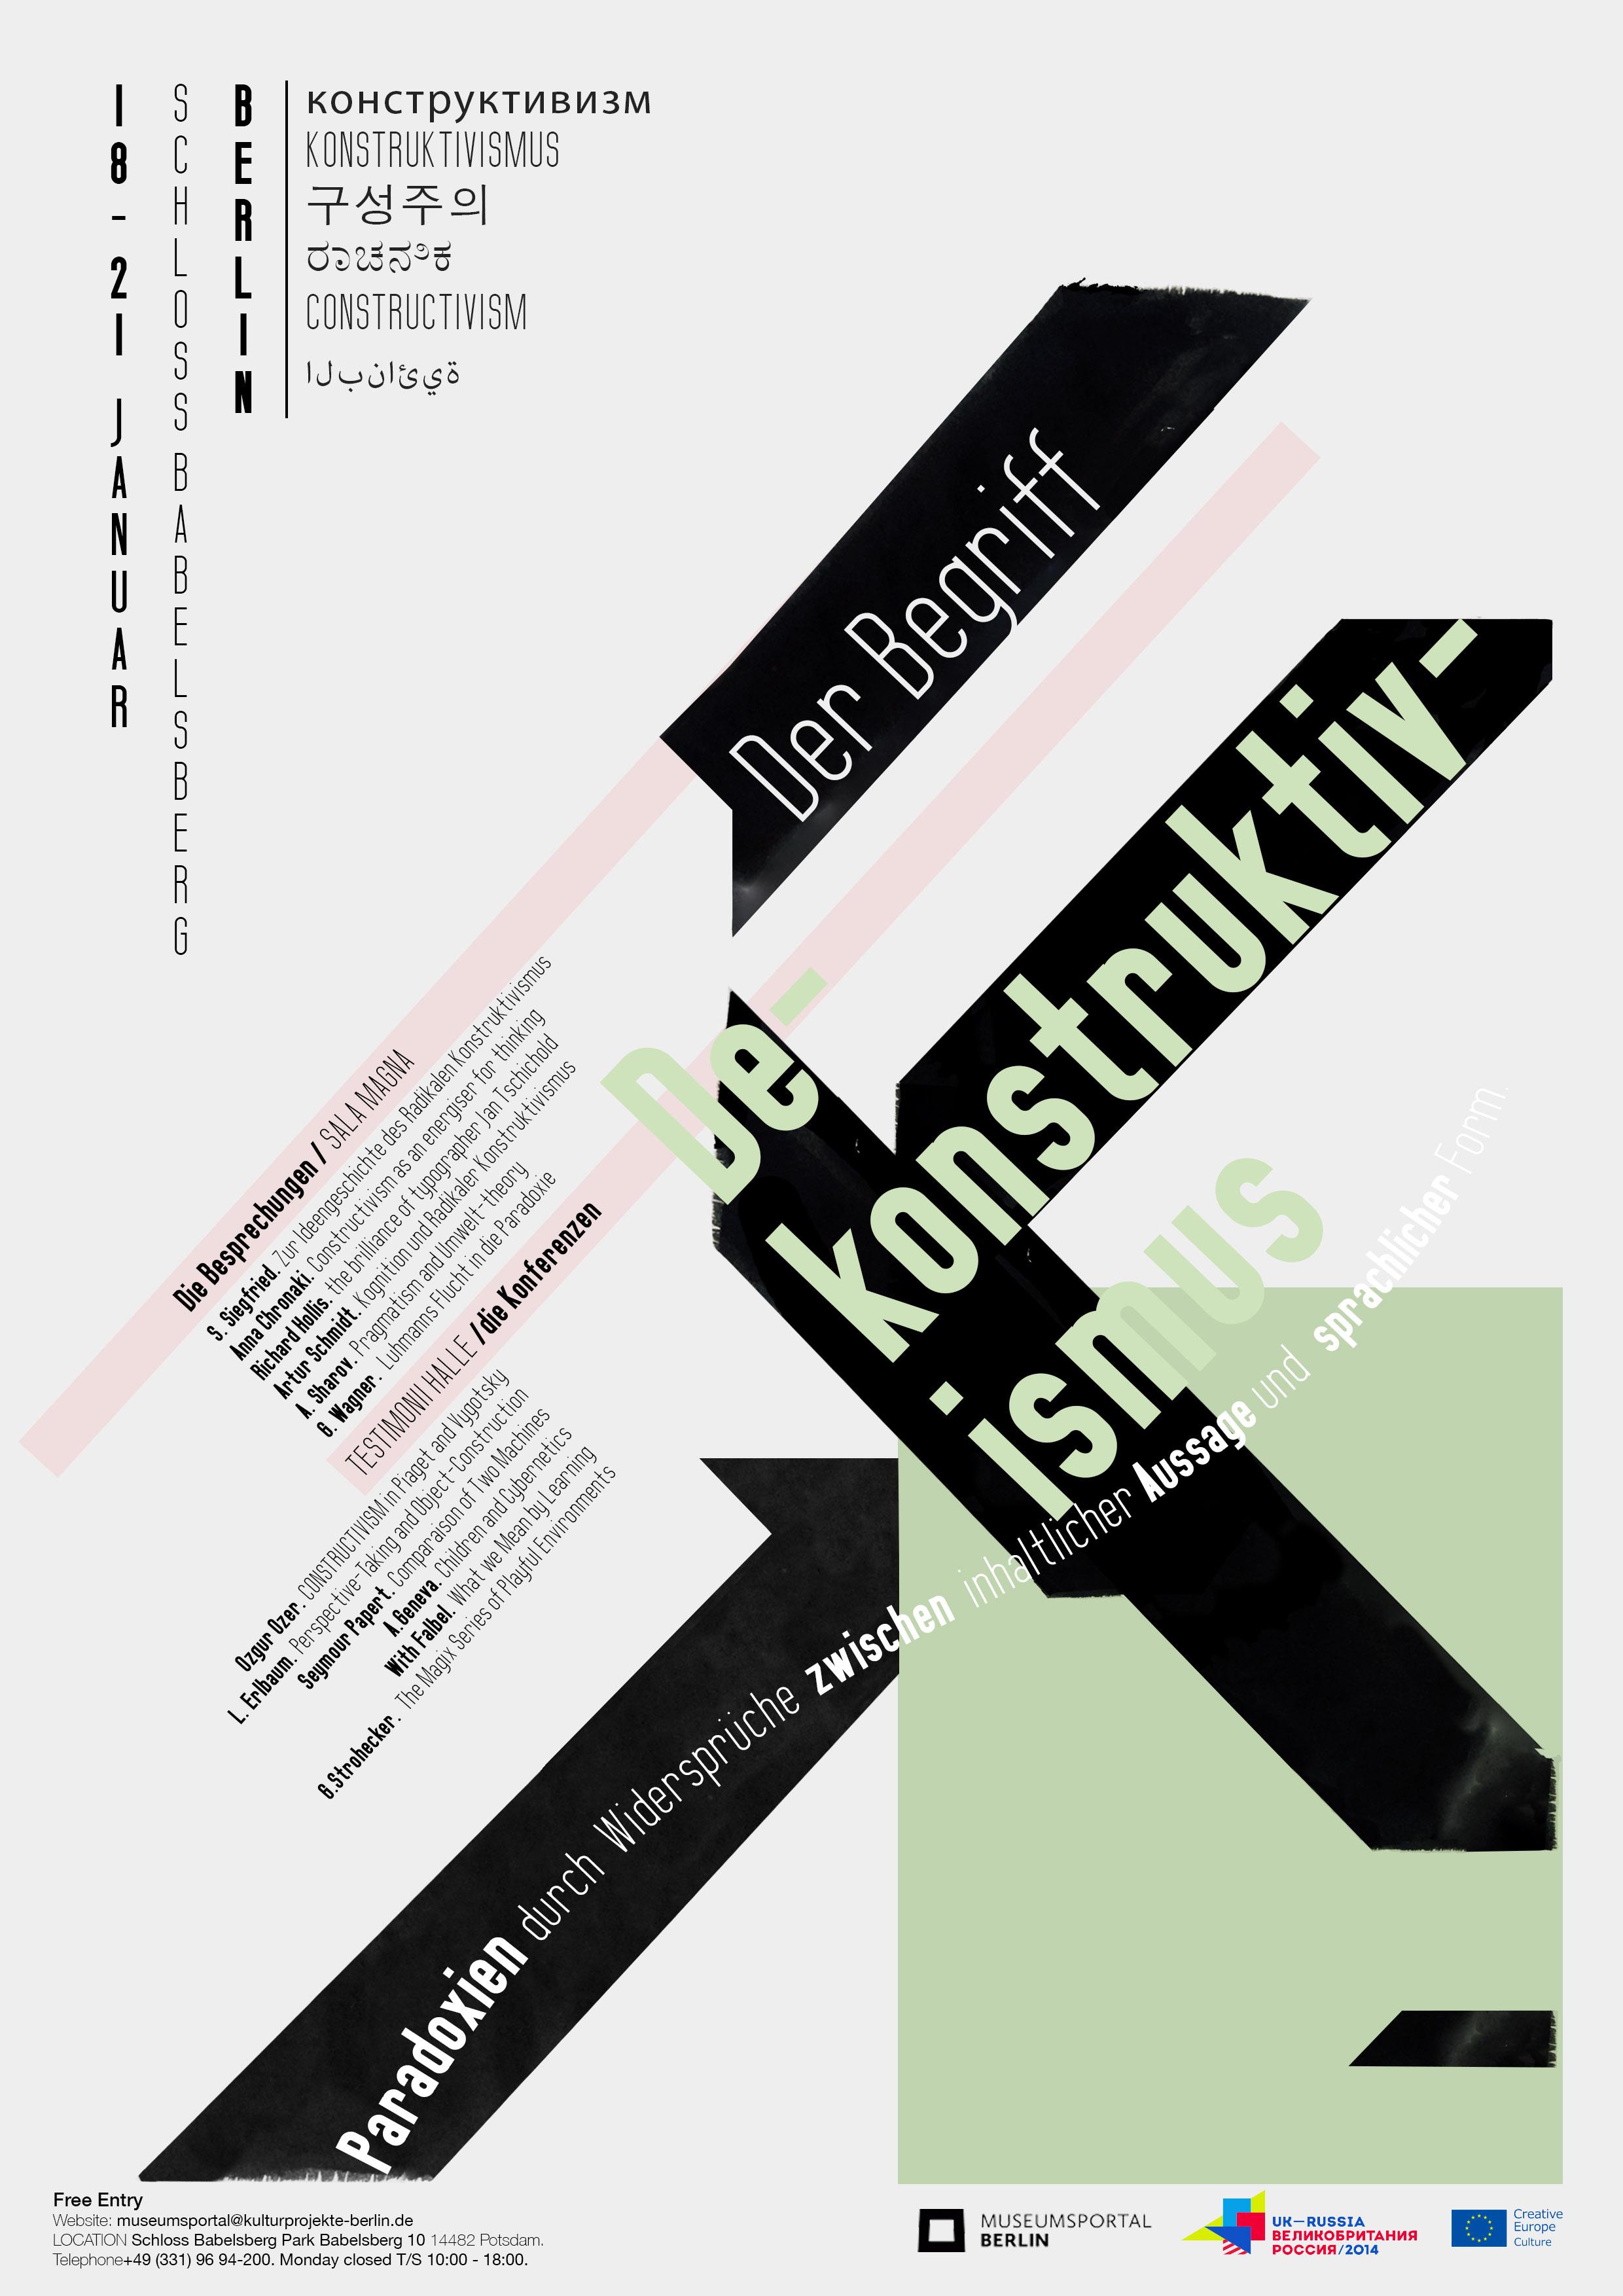 Konstruktivismus Poster